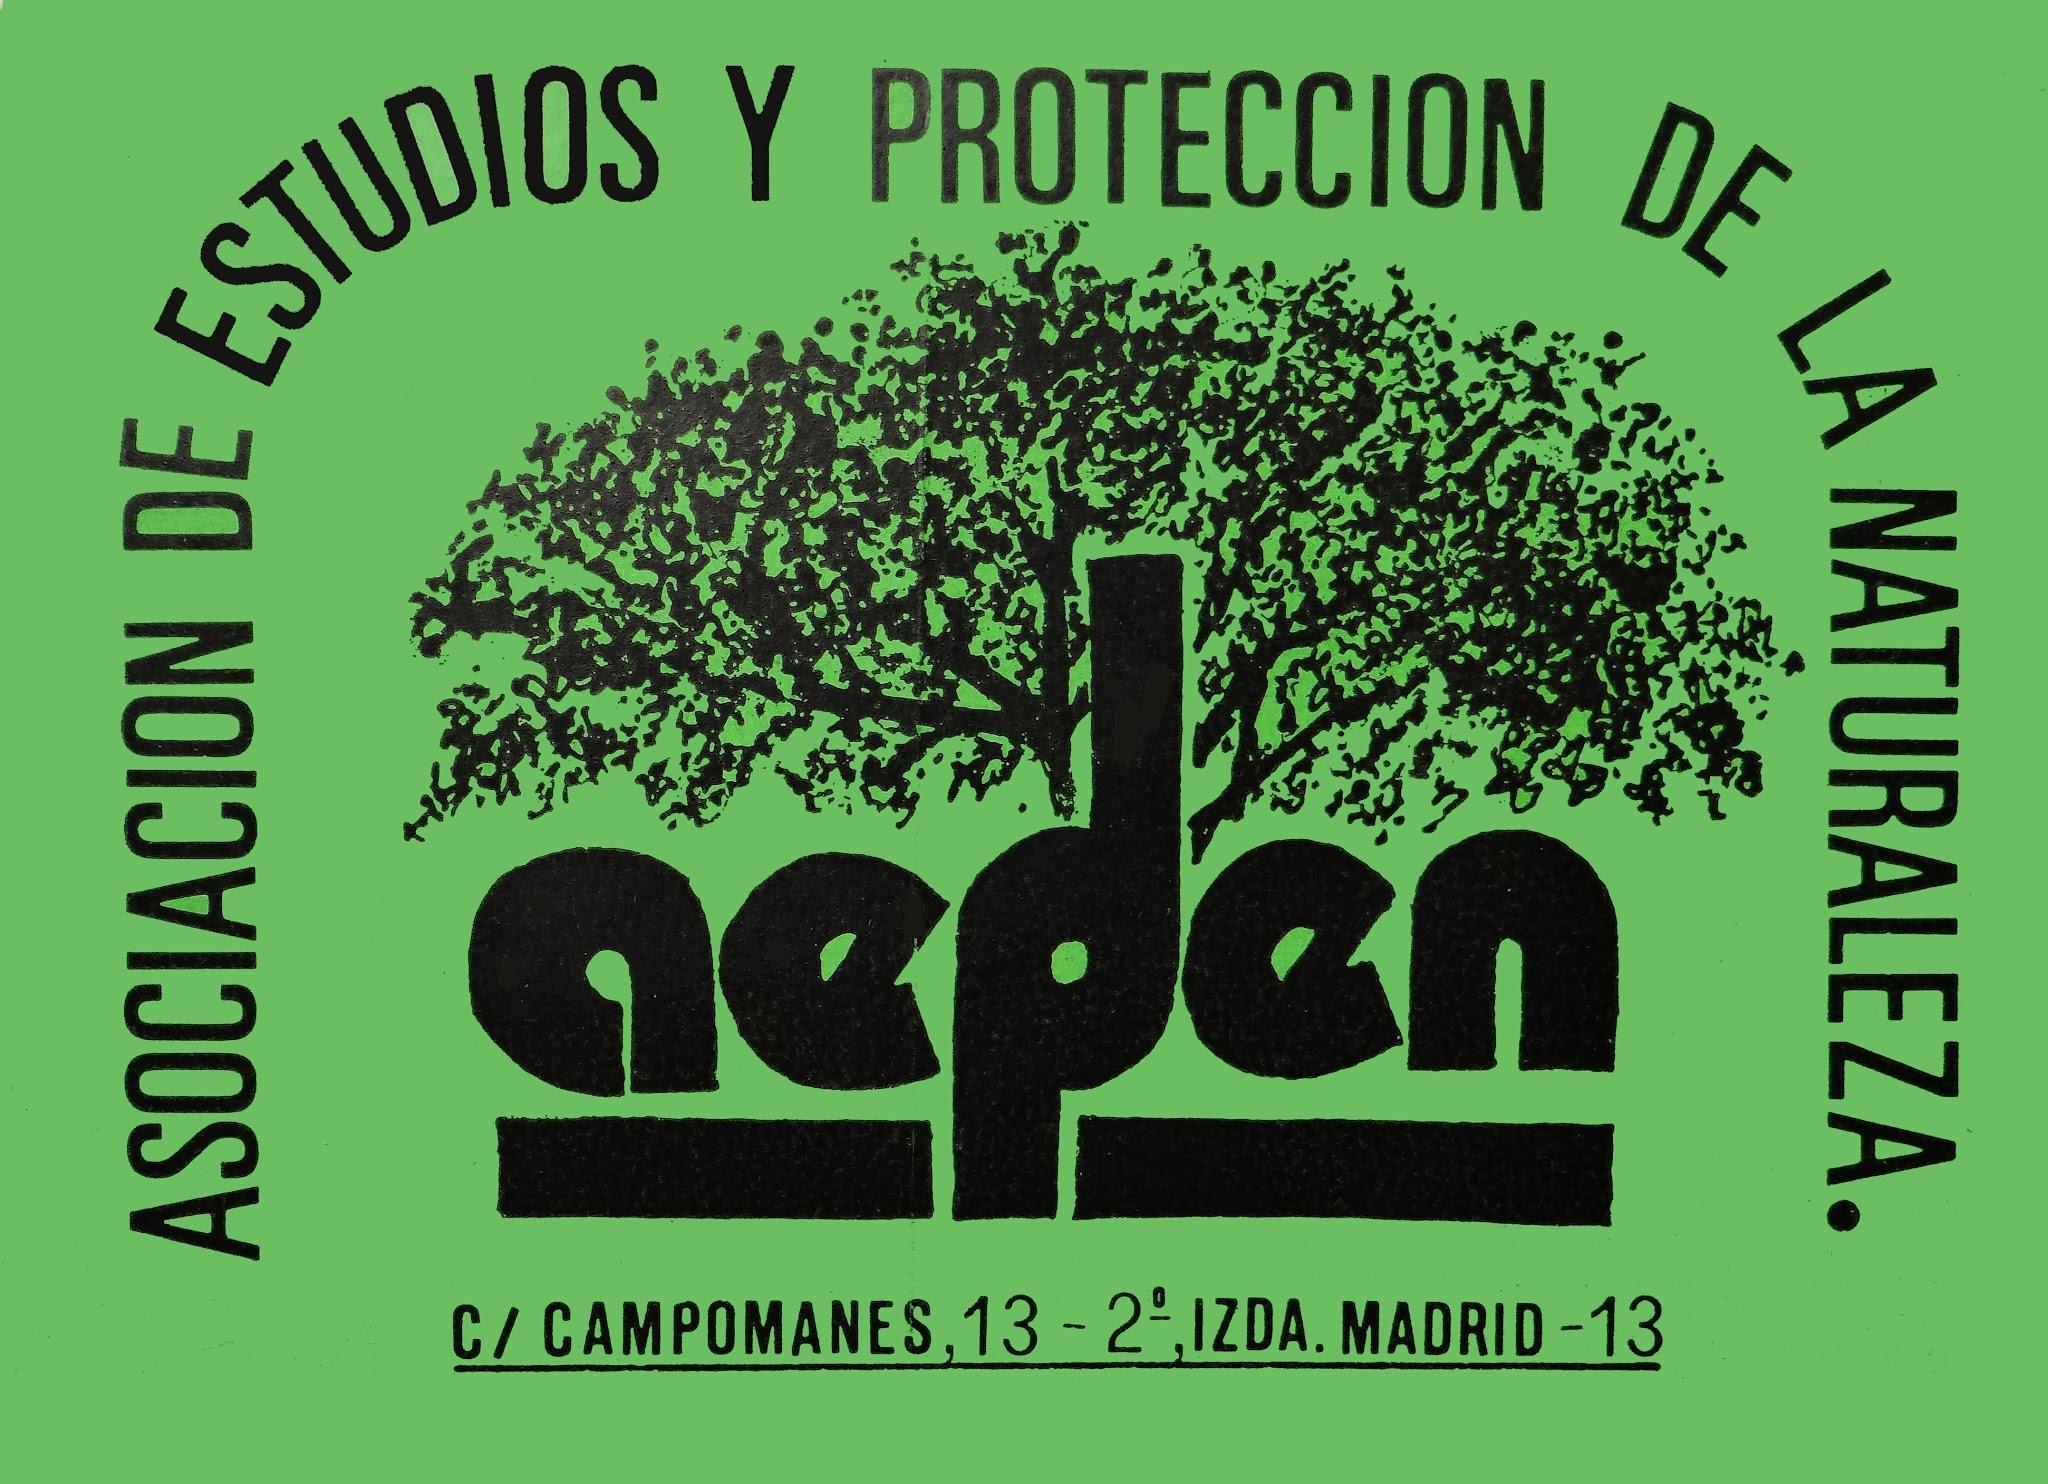 Aepden